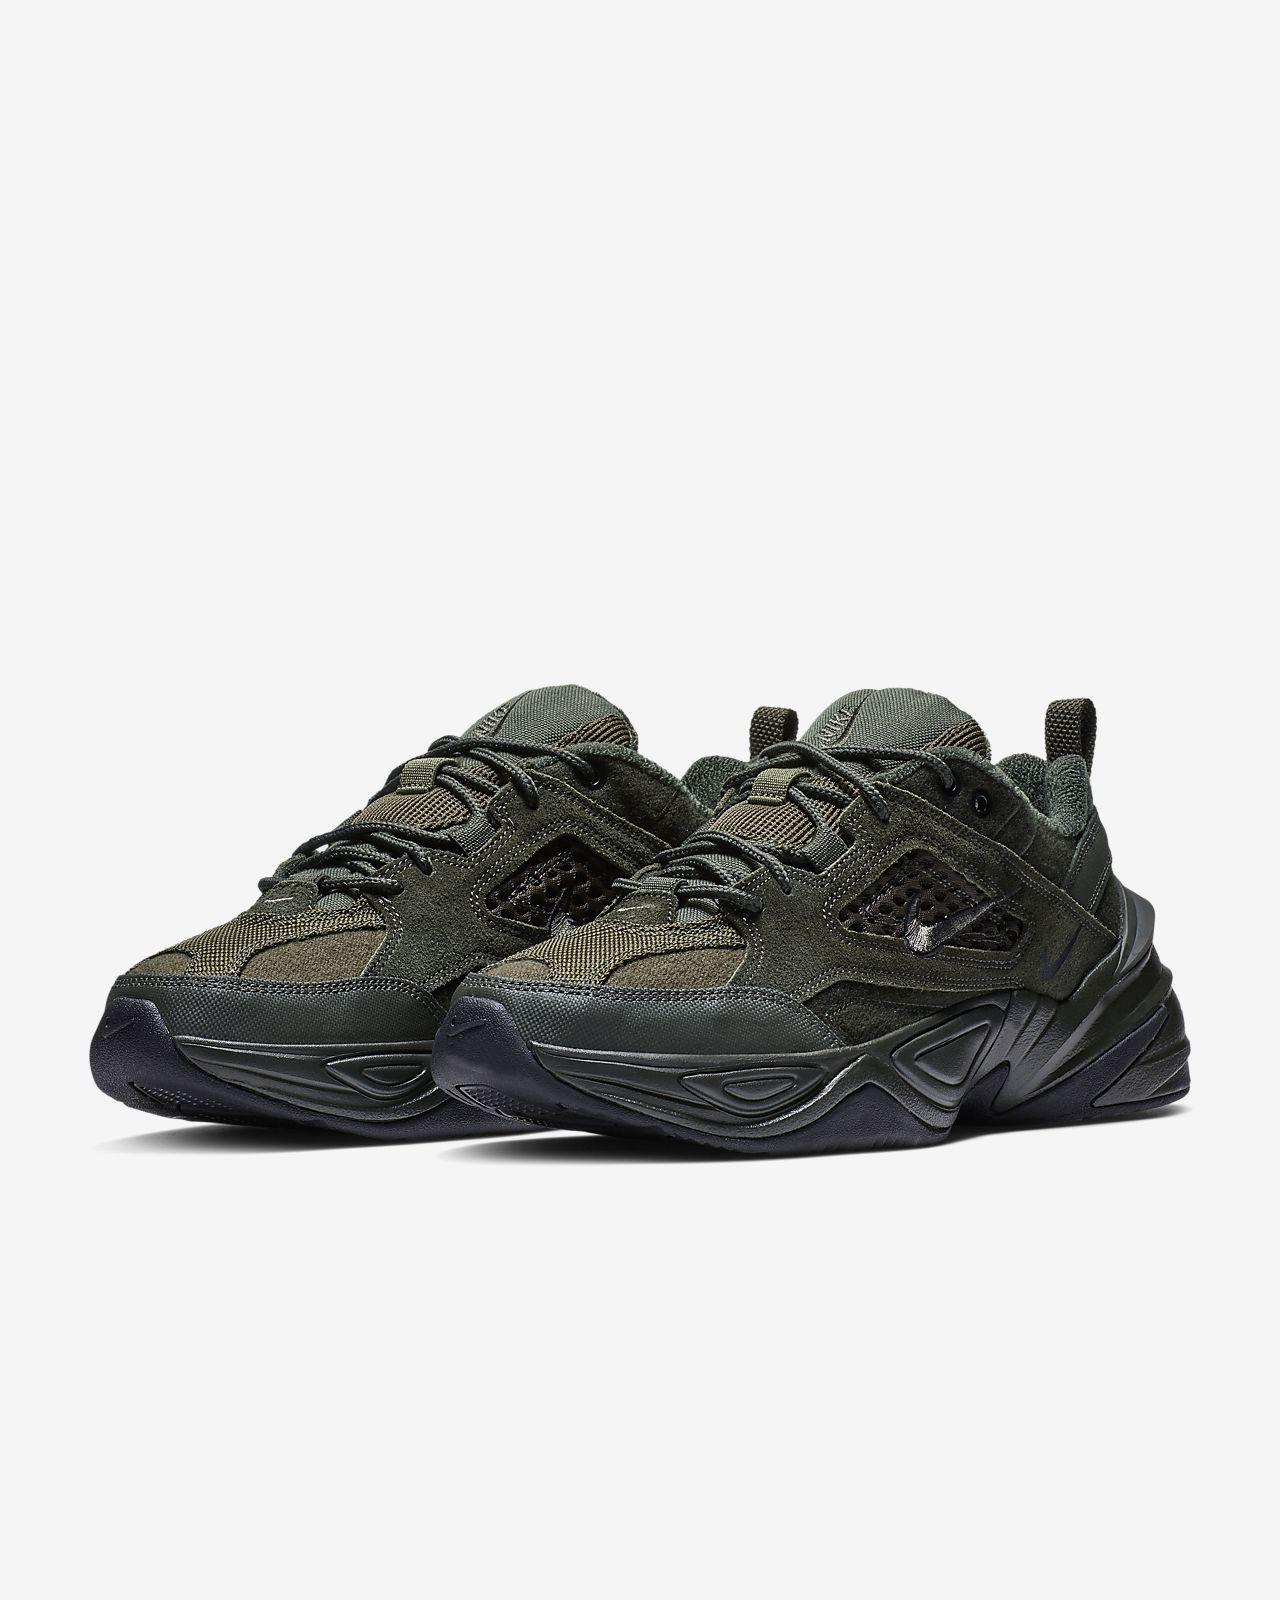 new product 5aa61 912ce ... Nike M2K Tekno SP Men s Shoe